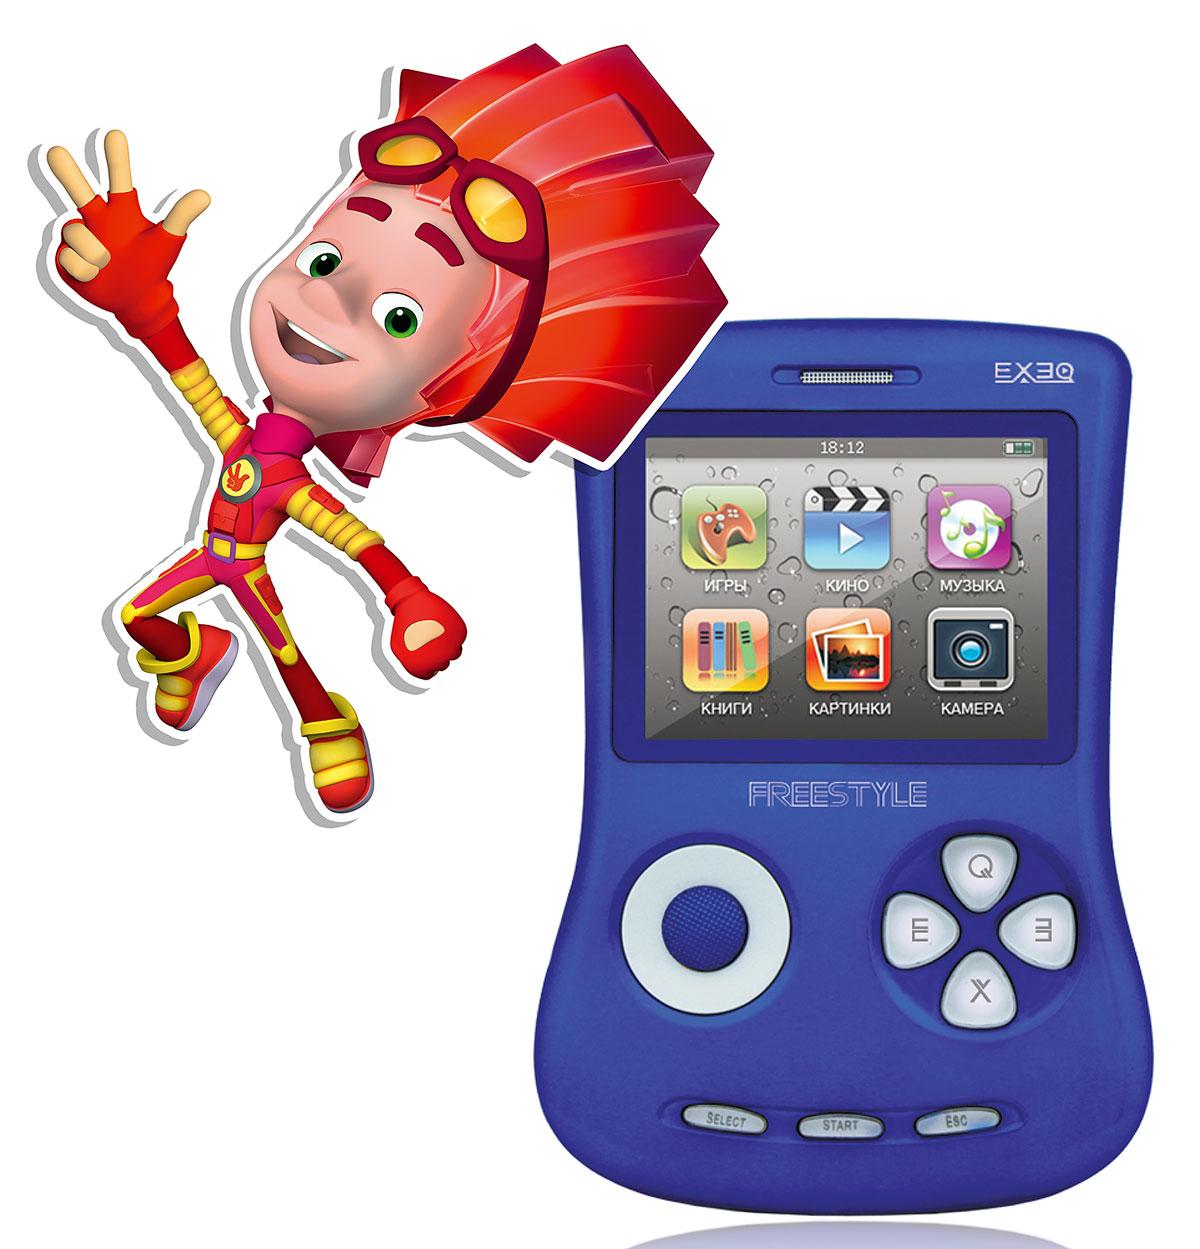 Портативная игровая приставка EXEQ ФикСи FreeStyle 2,7 (синяя)MP-1002 FX_синийИгровая Фикси-приставка Freestyle - это универсальная игровая приставка с оригинальным дизайном, LCD-дисплеем в 2,7 дюймов, встроенной памятью на 4 Гб и богатыми мультимедийными возможностями! Фикси-приставка воспроизводит любые игрушки на 8, 16 и 32 бита, которые можно свободно и бесплатно скачать из интернета или же довольствоваться 700 встроенными играми. А когда игры наскучат, Freestyle развлечет вас музыкой (поддерживаются MP3, FLAC, APE и другие), видео (в большинстве популярных форматов, включая MP4, AVI) или чтением электронных книг. В арсенале приставки предусмотрены даже FM-радио и 1,3 Мпикс камера! И еще один немаловажный аргумент - наличие видеовыхода на телевизор с RCA-кабелем в комплекте! Также игровая Фикси-приставка Freestyle имеет специальный пакет приложений от Фиксиков: 12 серий сериала Фиксики (4 новинки), 6 видеоклипов и несколько Фиксипелок.В январе 2015 г. специальный пакет приложений от Фиксиков пополнила 16-ти битная игра под одноименным названием - Фиксики! Стоит отметить, что новые приключения популярных героев в 16-битном формате доступны только на Фикси-приставках ГК Проявляй эмоции. Одной из таких приставок является Exeq Freestyle. Дисплей: 2,7 LCD с разрешением 320х240 точекВстроенная память: 4 ГбИсточник питания: Аккумулятор Lion емкостью 900 мАчВремя работы без подзарядки: около 6 часовРазъемы: AV-выход (видео + аудио), PAL/NTSC, выход для наушников, USBКарты памяти: MicroSD, объемом до 16 ГбЗарядка: через сетевой адаптер или от ПК через USBАудио: MP3, WMA, WMA, AAC, FLAC, APE и другие музыкальные форматыВидео: RRM, RMVB, AVI, FLV, 3GP, MP4, ASF, WAV, DAT, MPG и другие видео форматыИзображения: JPEG, BMP, GIF, PNG, полноэкранный просмотр, слайд-шоуЭлектронная книга: ТХТИгры: 8, 16, 32 бит, NES, SMD, GBA, GBC, GB, SMC, BINКамера: фото/видео-камера, 1,3 МпиксПриложения: предустановленные игры, календарь, часы, калькулятор, секундомер